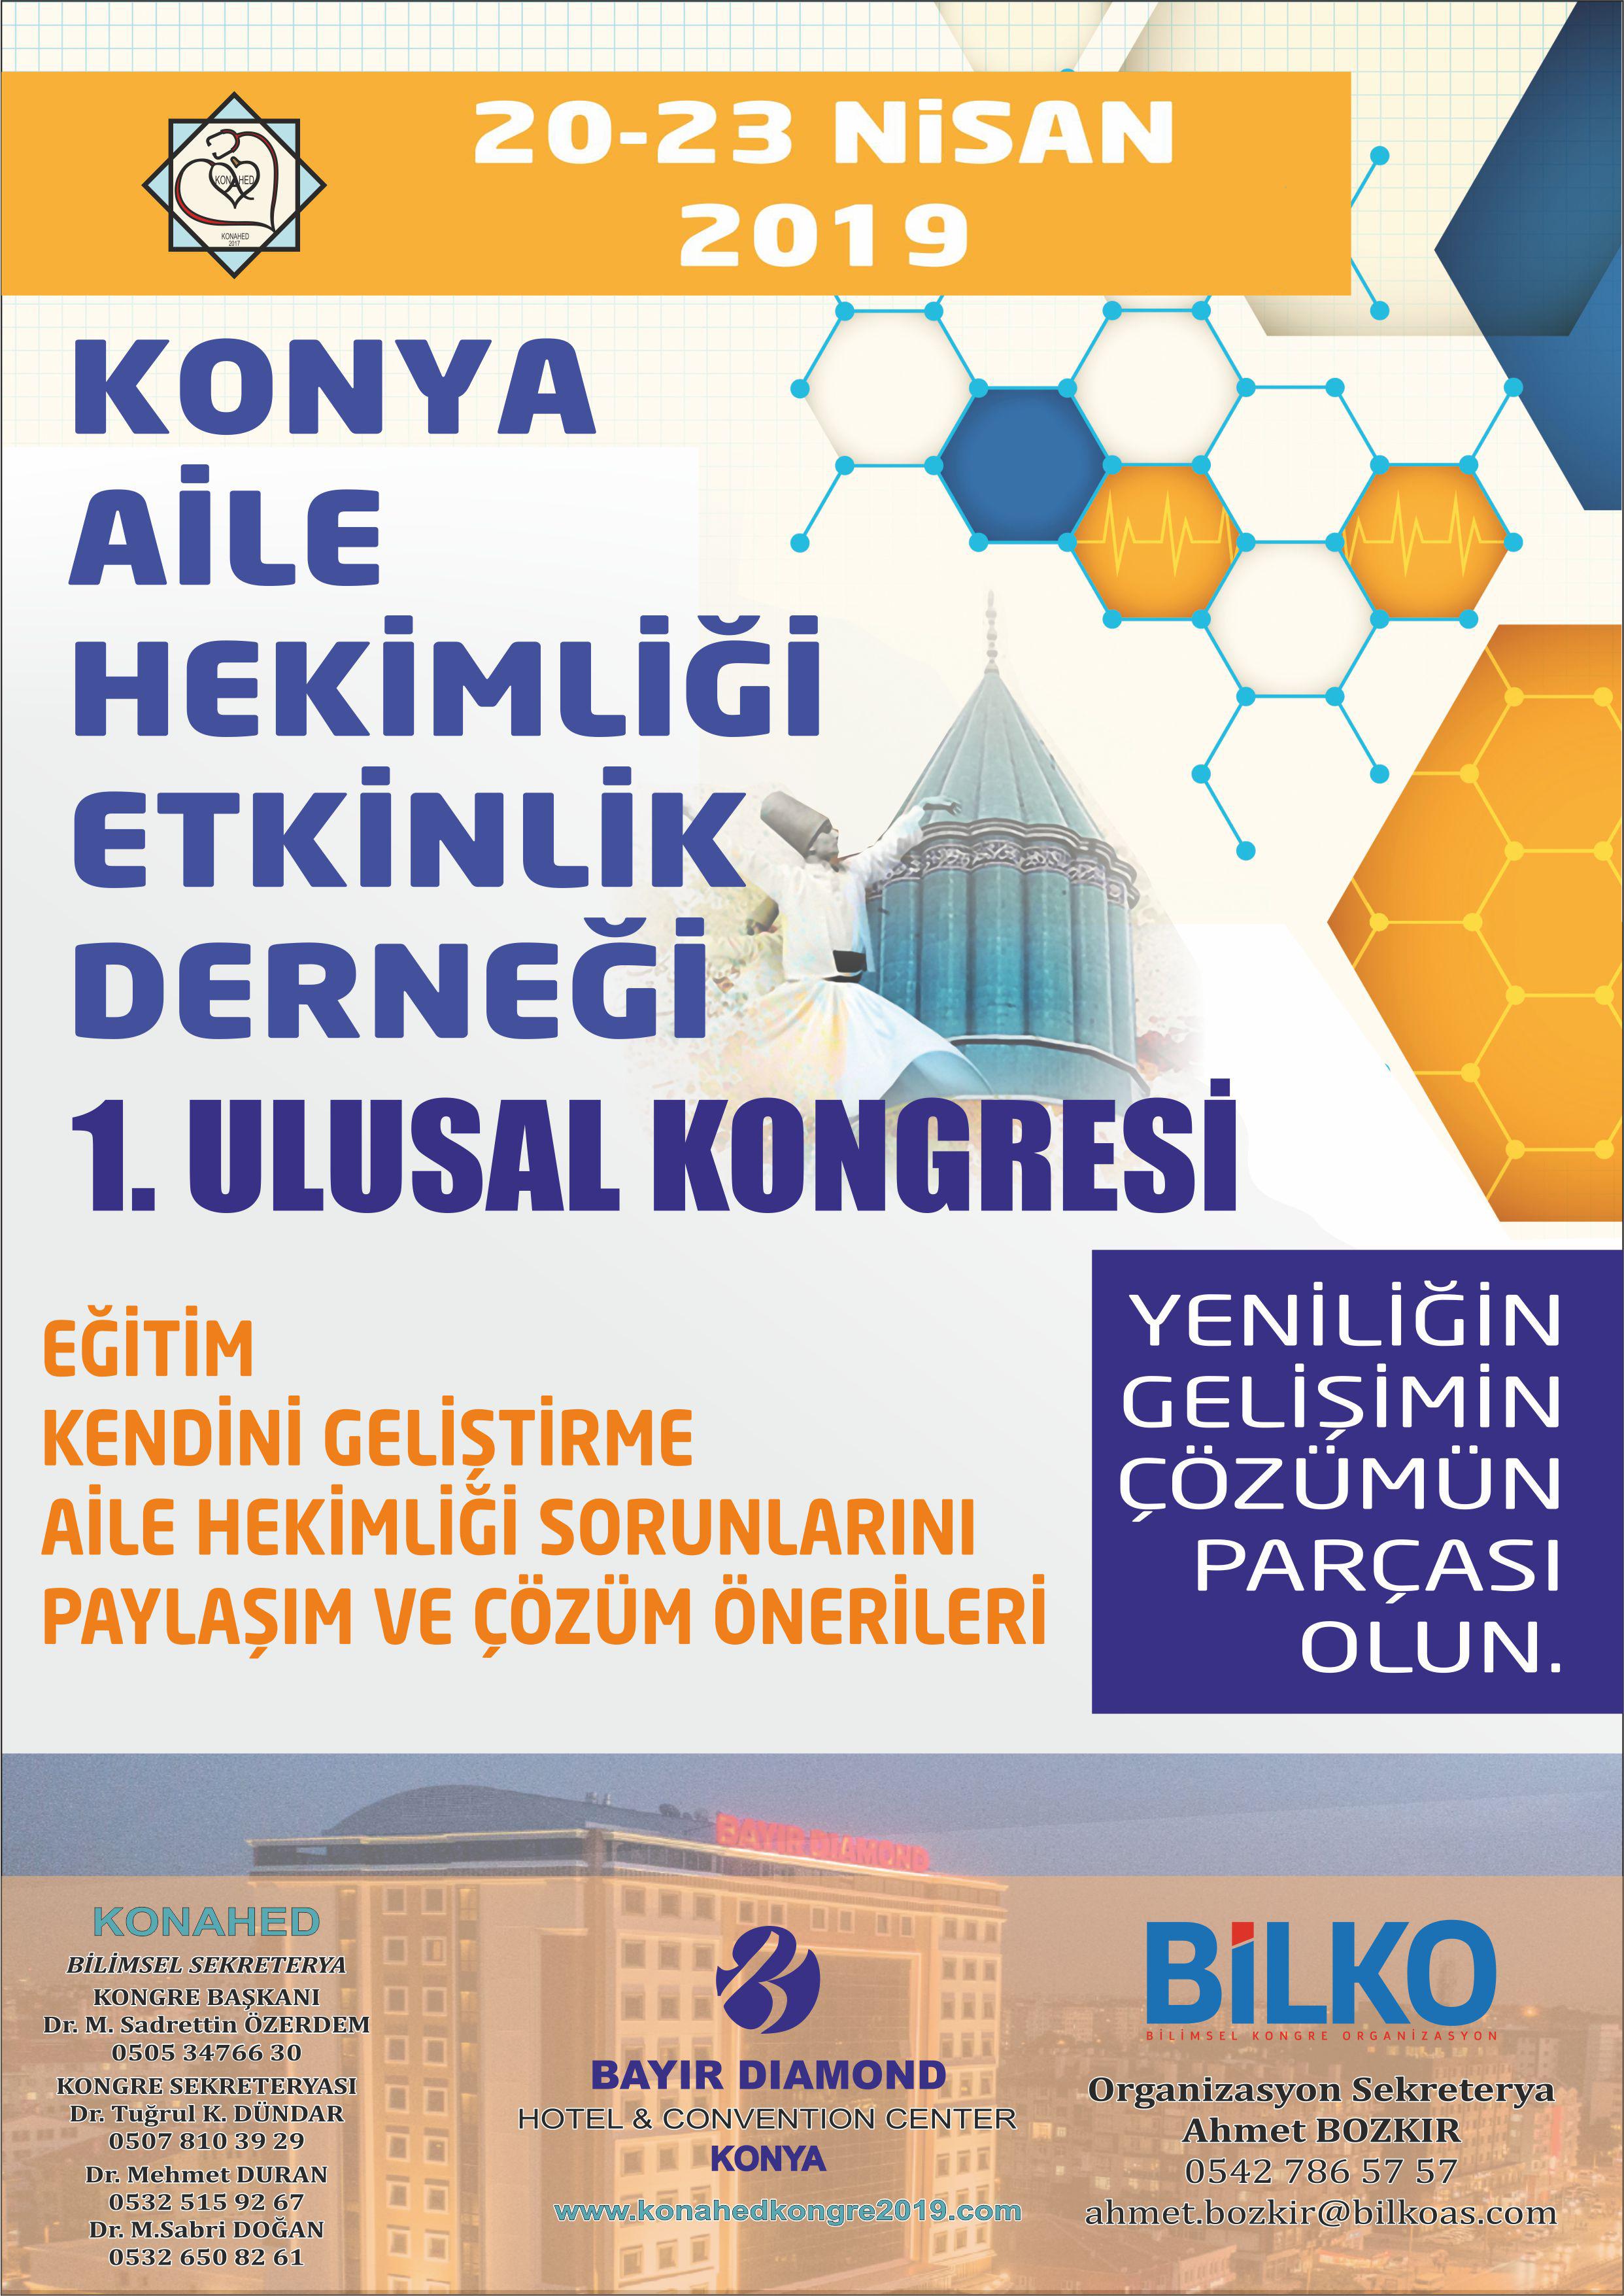 Konya Aile Hekimliği 1. Ulusal Kongresi